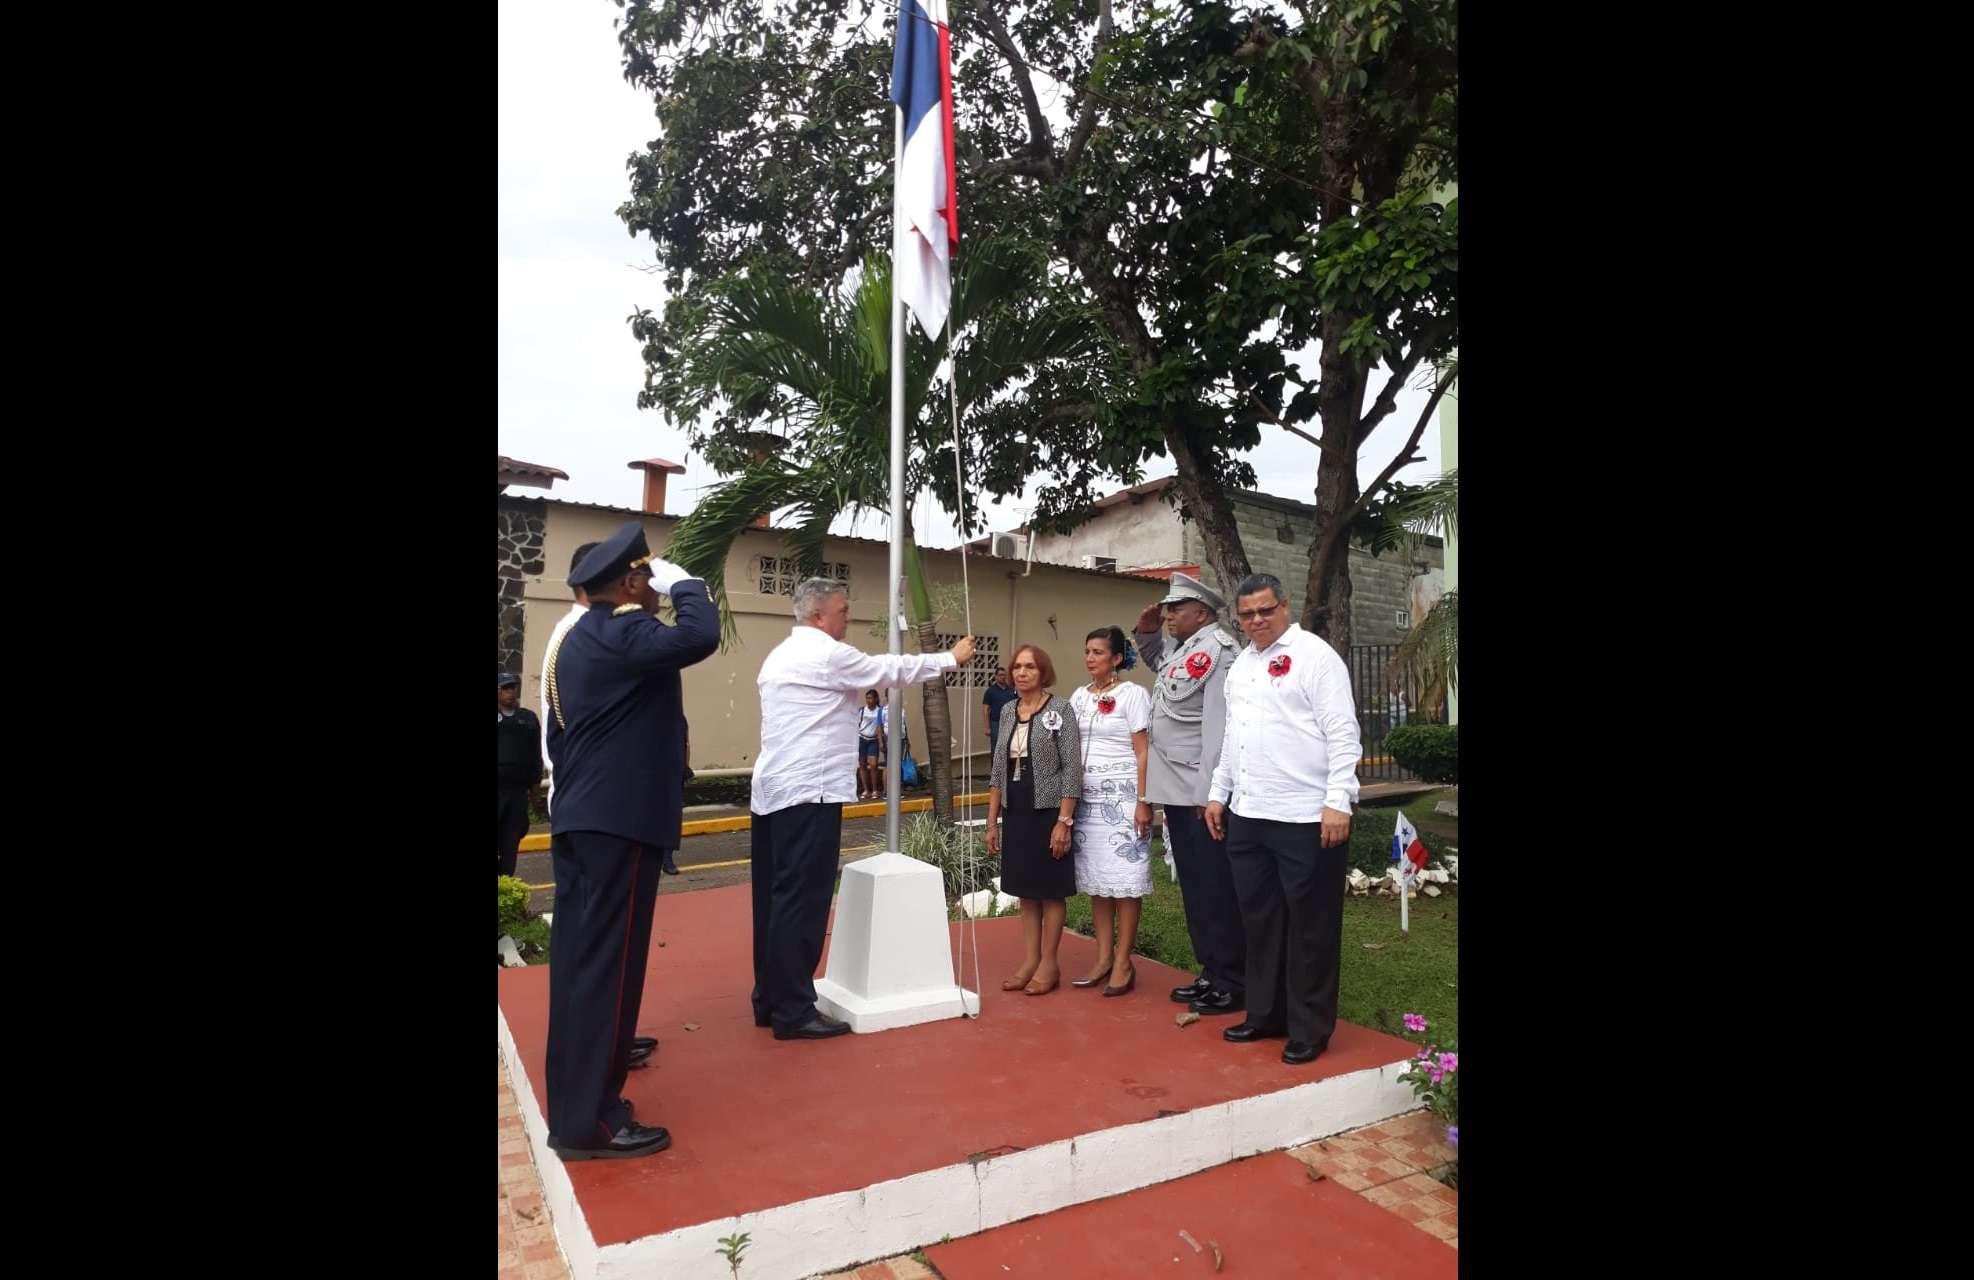 Izada de la bandera por parte del alcalde Tomàs Velásquez Correa. Foto: Eric Montenegro